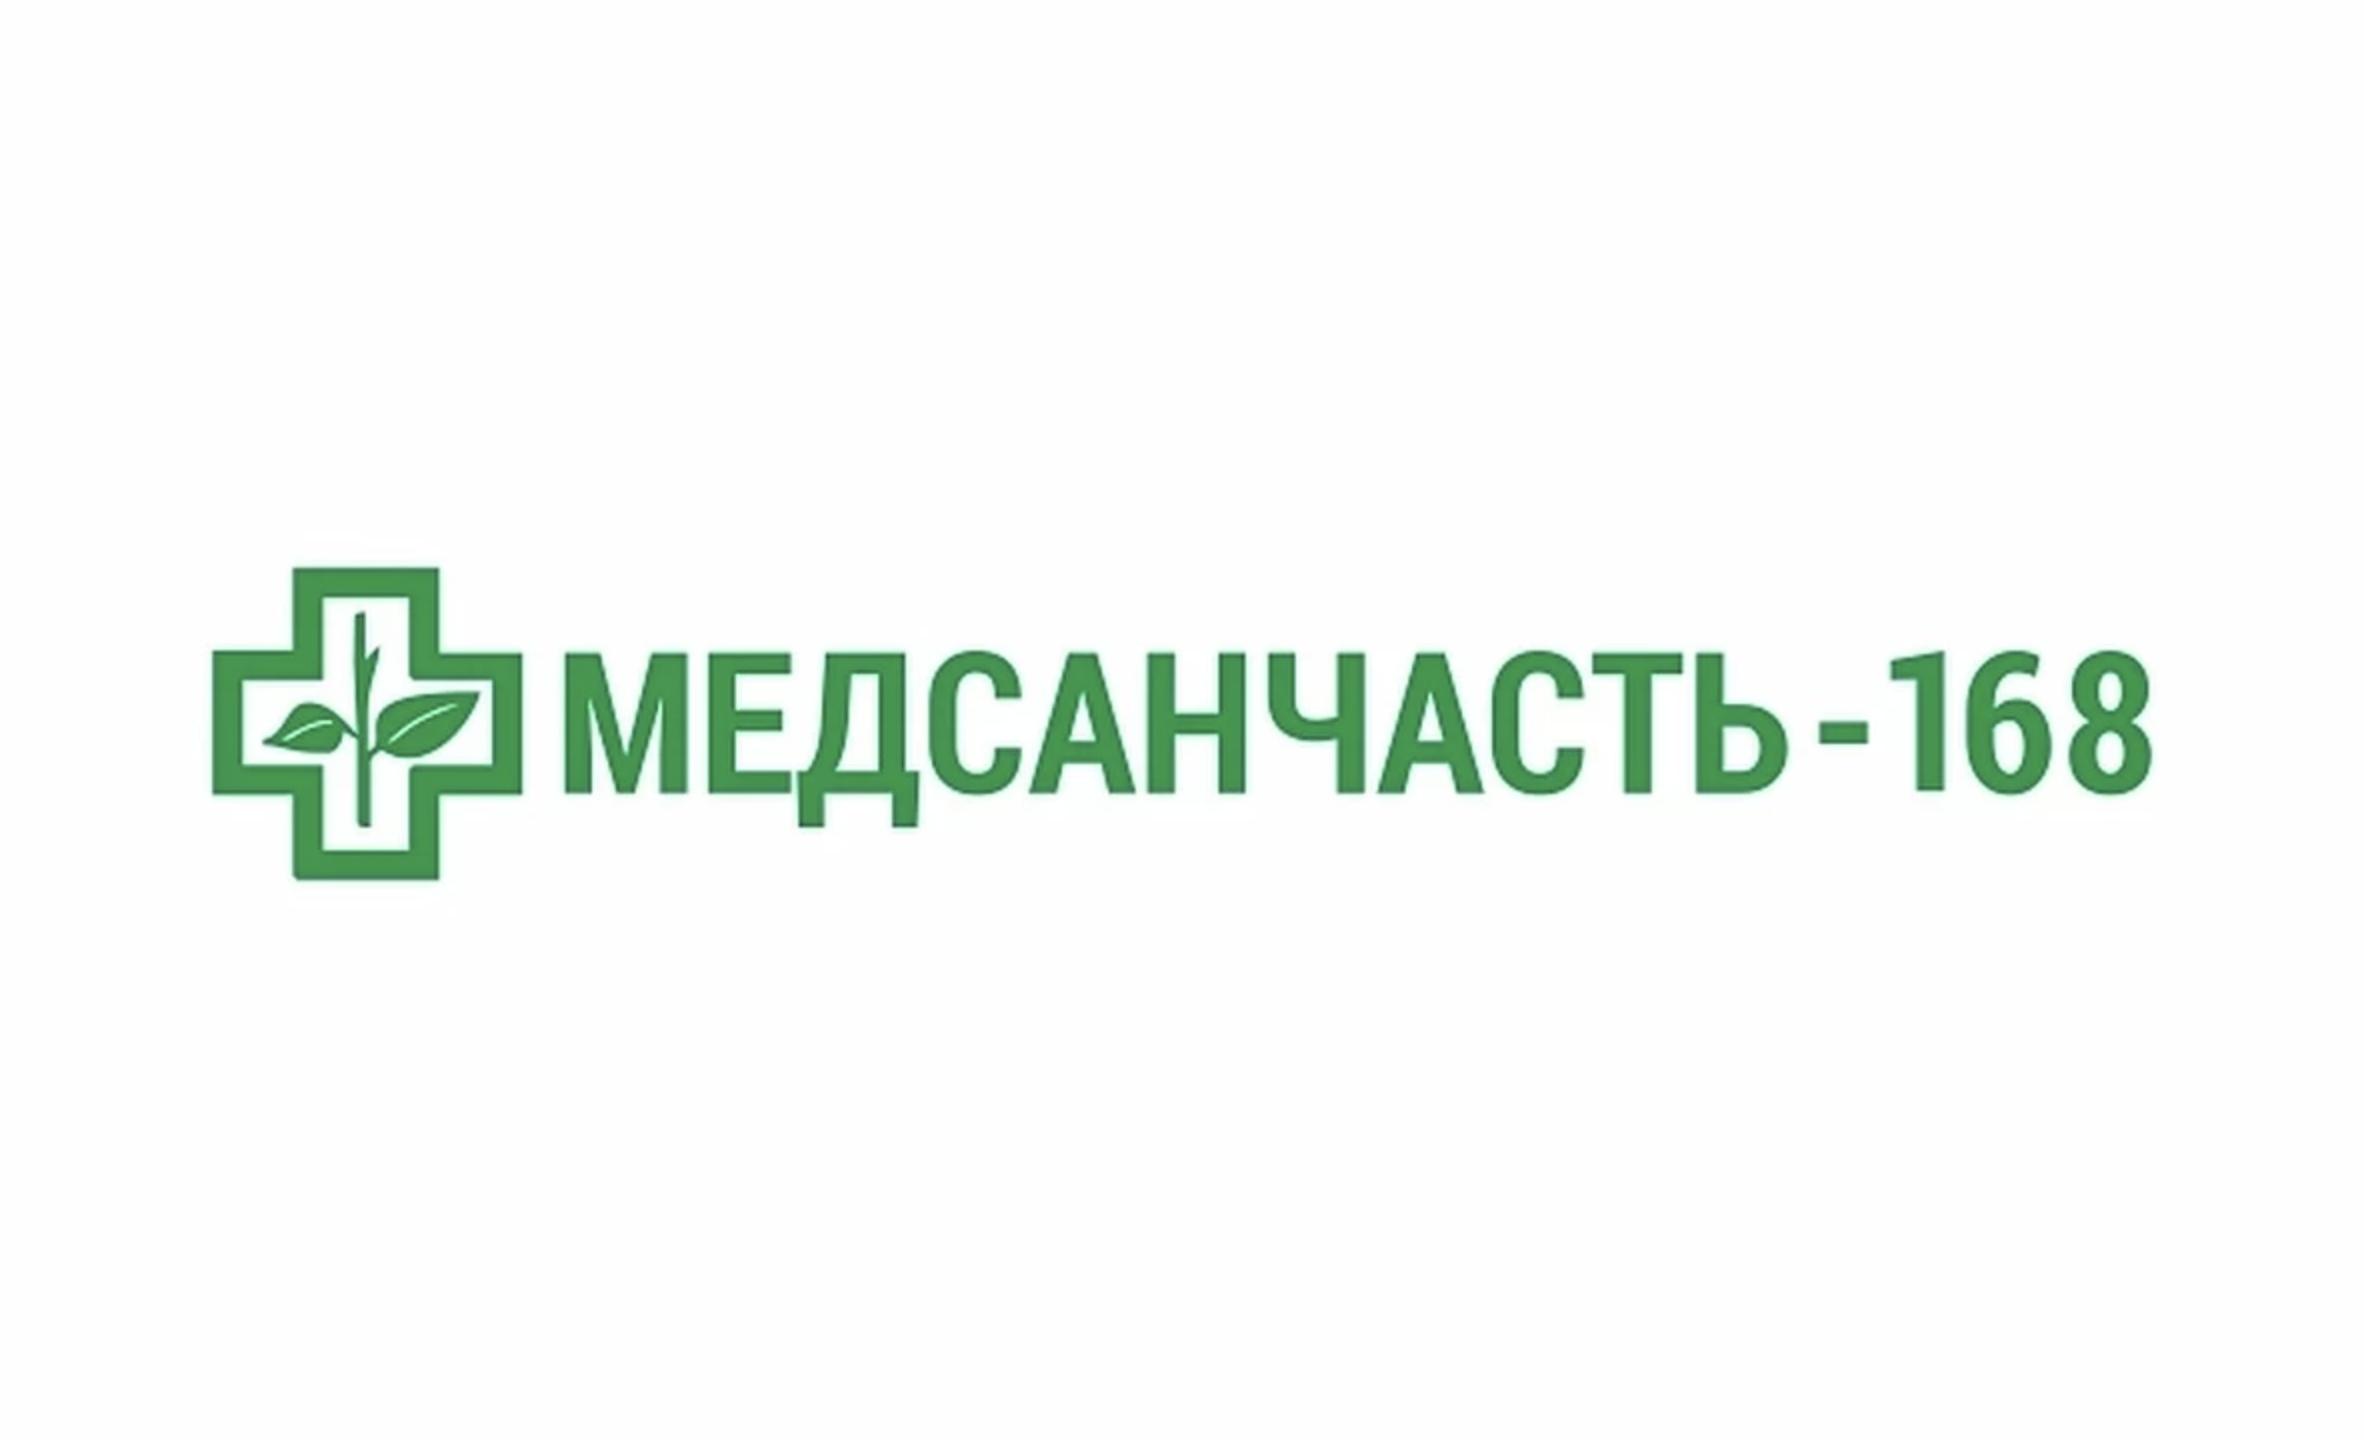 медсанчасть 168.webp (1200×800) 2021-08-18 06-38-49